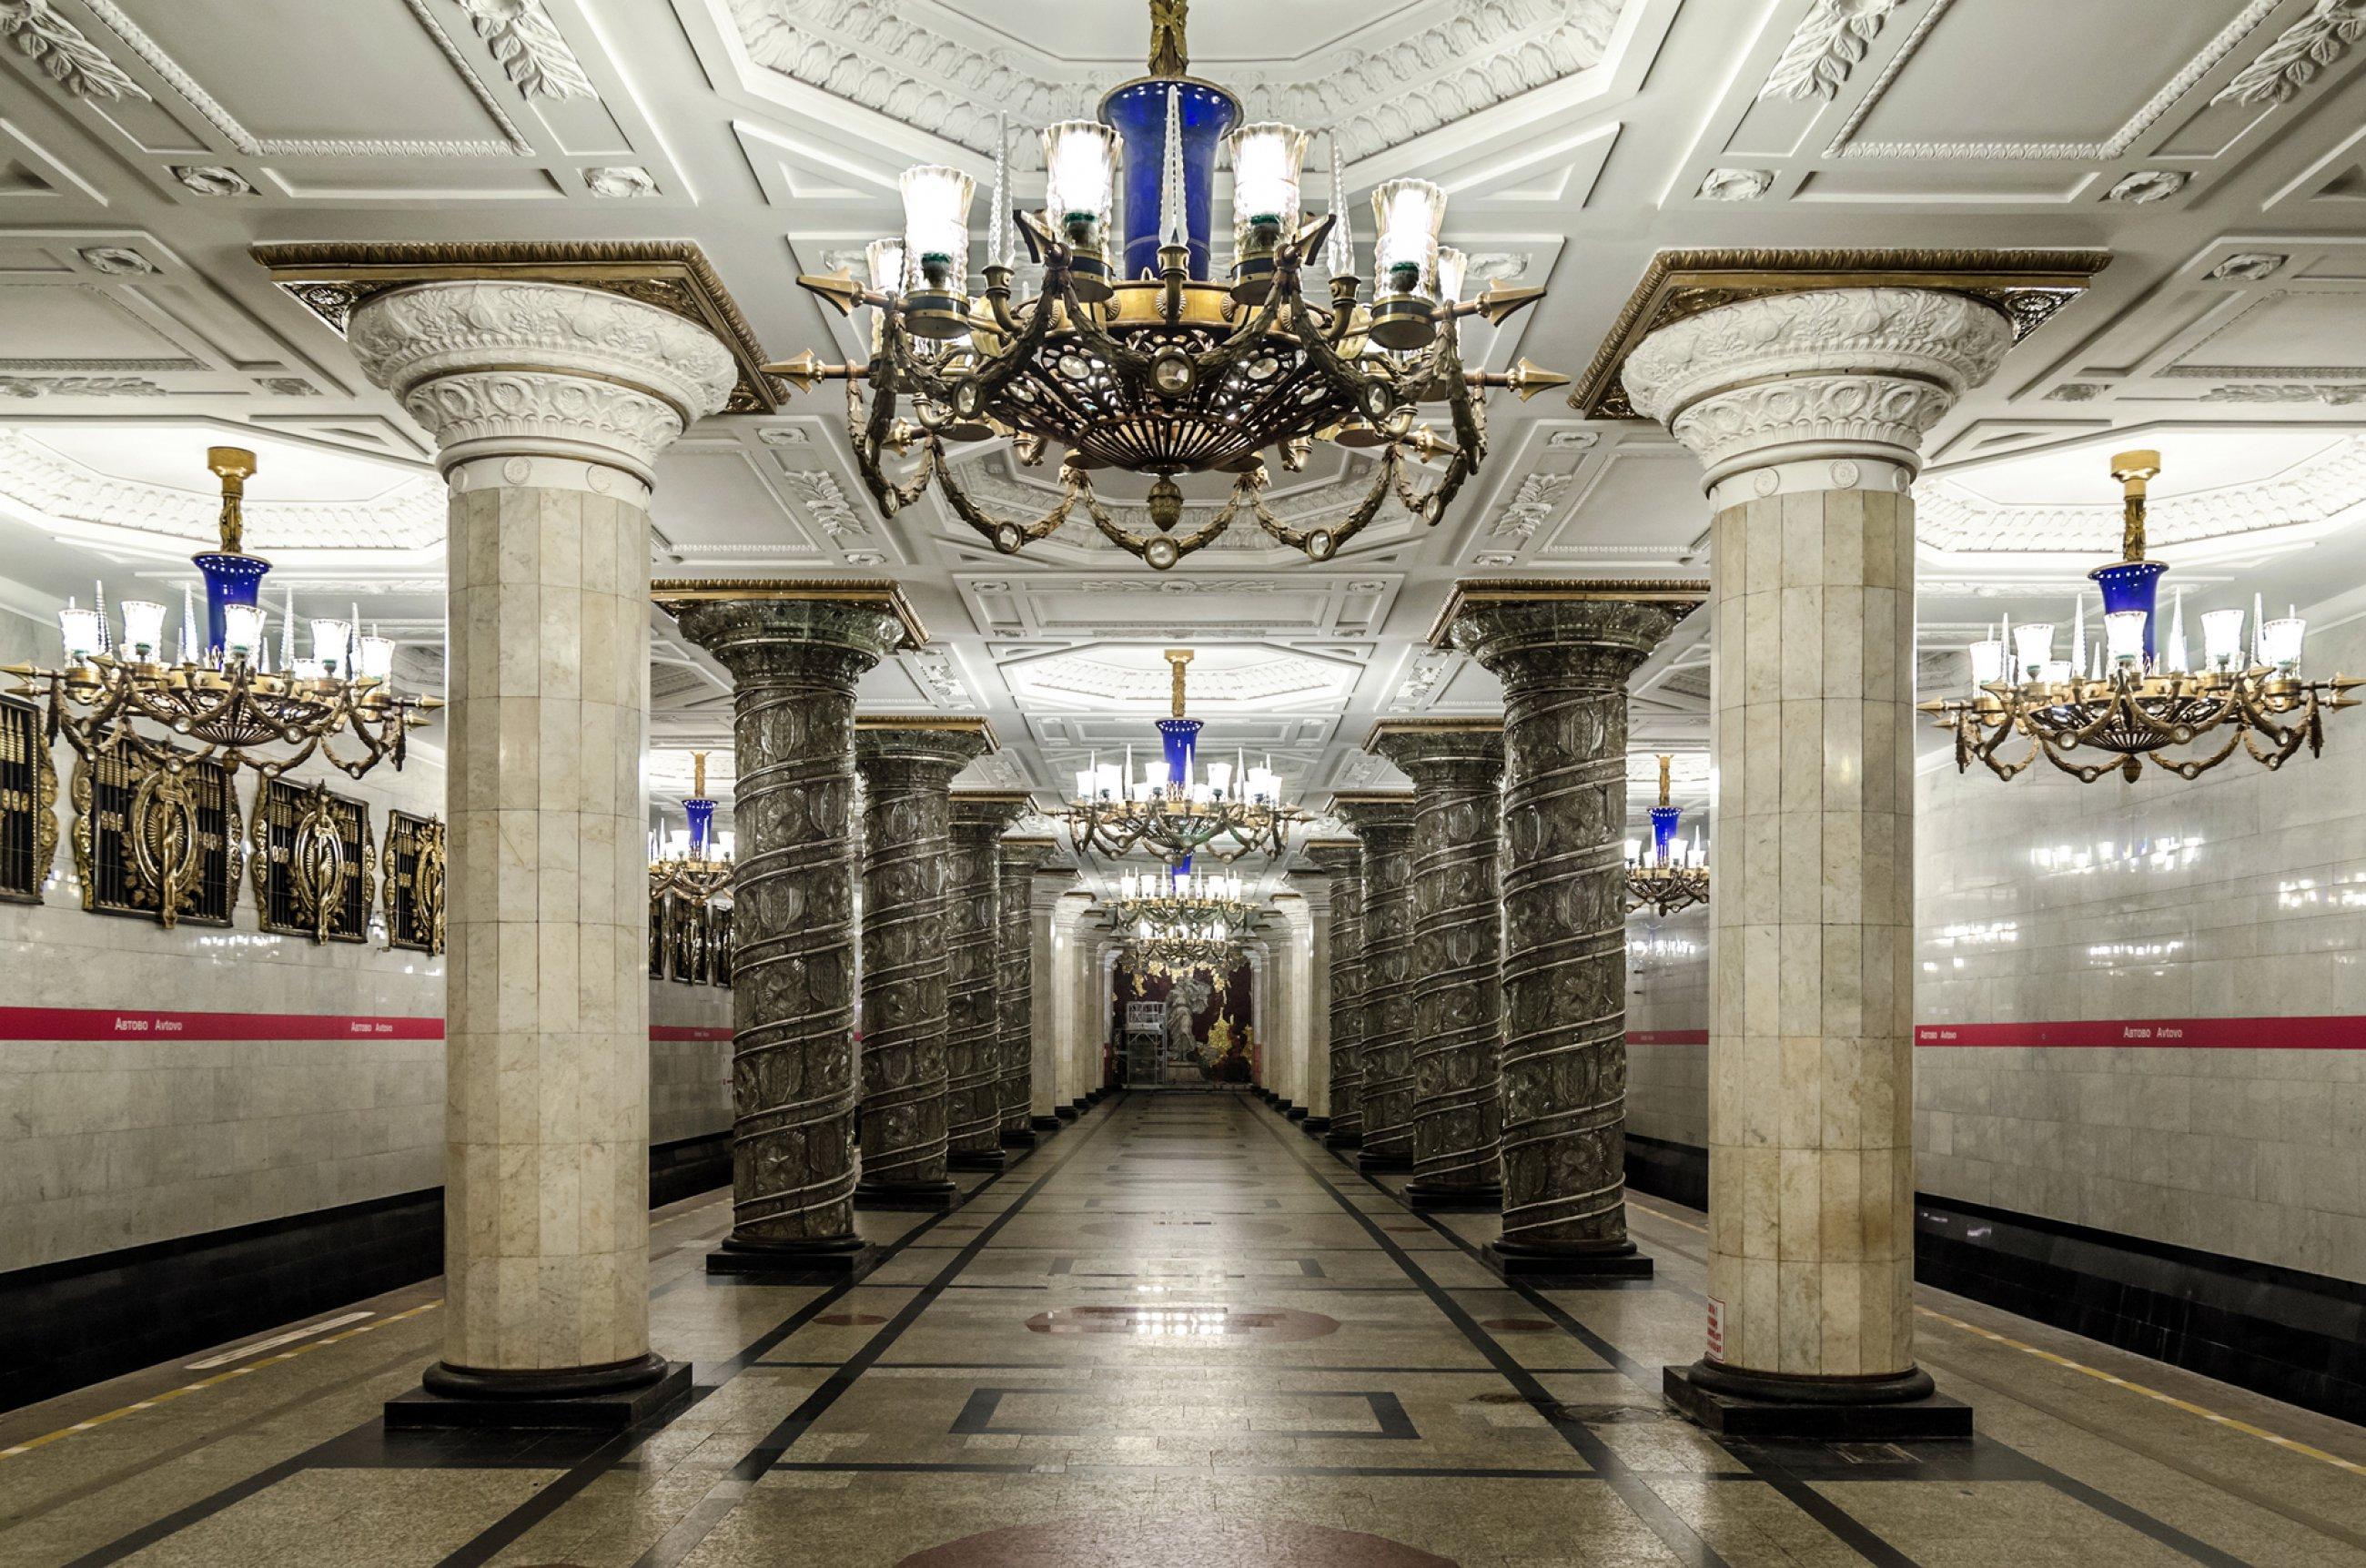 https://bubo.sk/uploads/galleries/5055/wikipedia-metro-spb-line1-avtovo.jpg